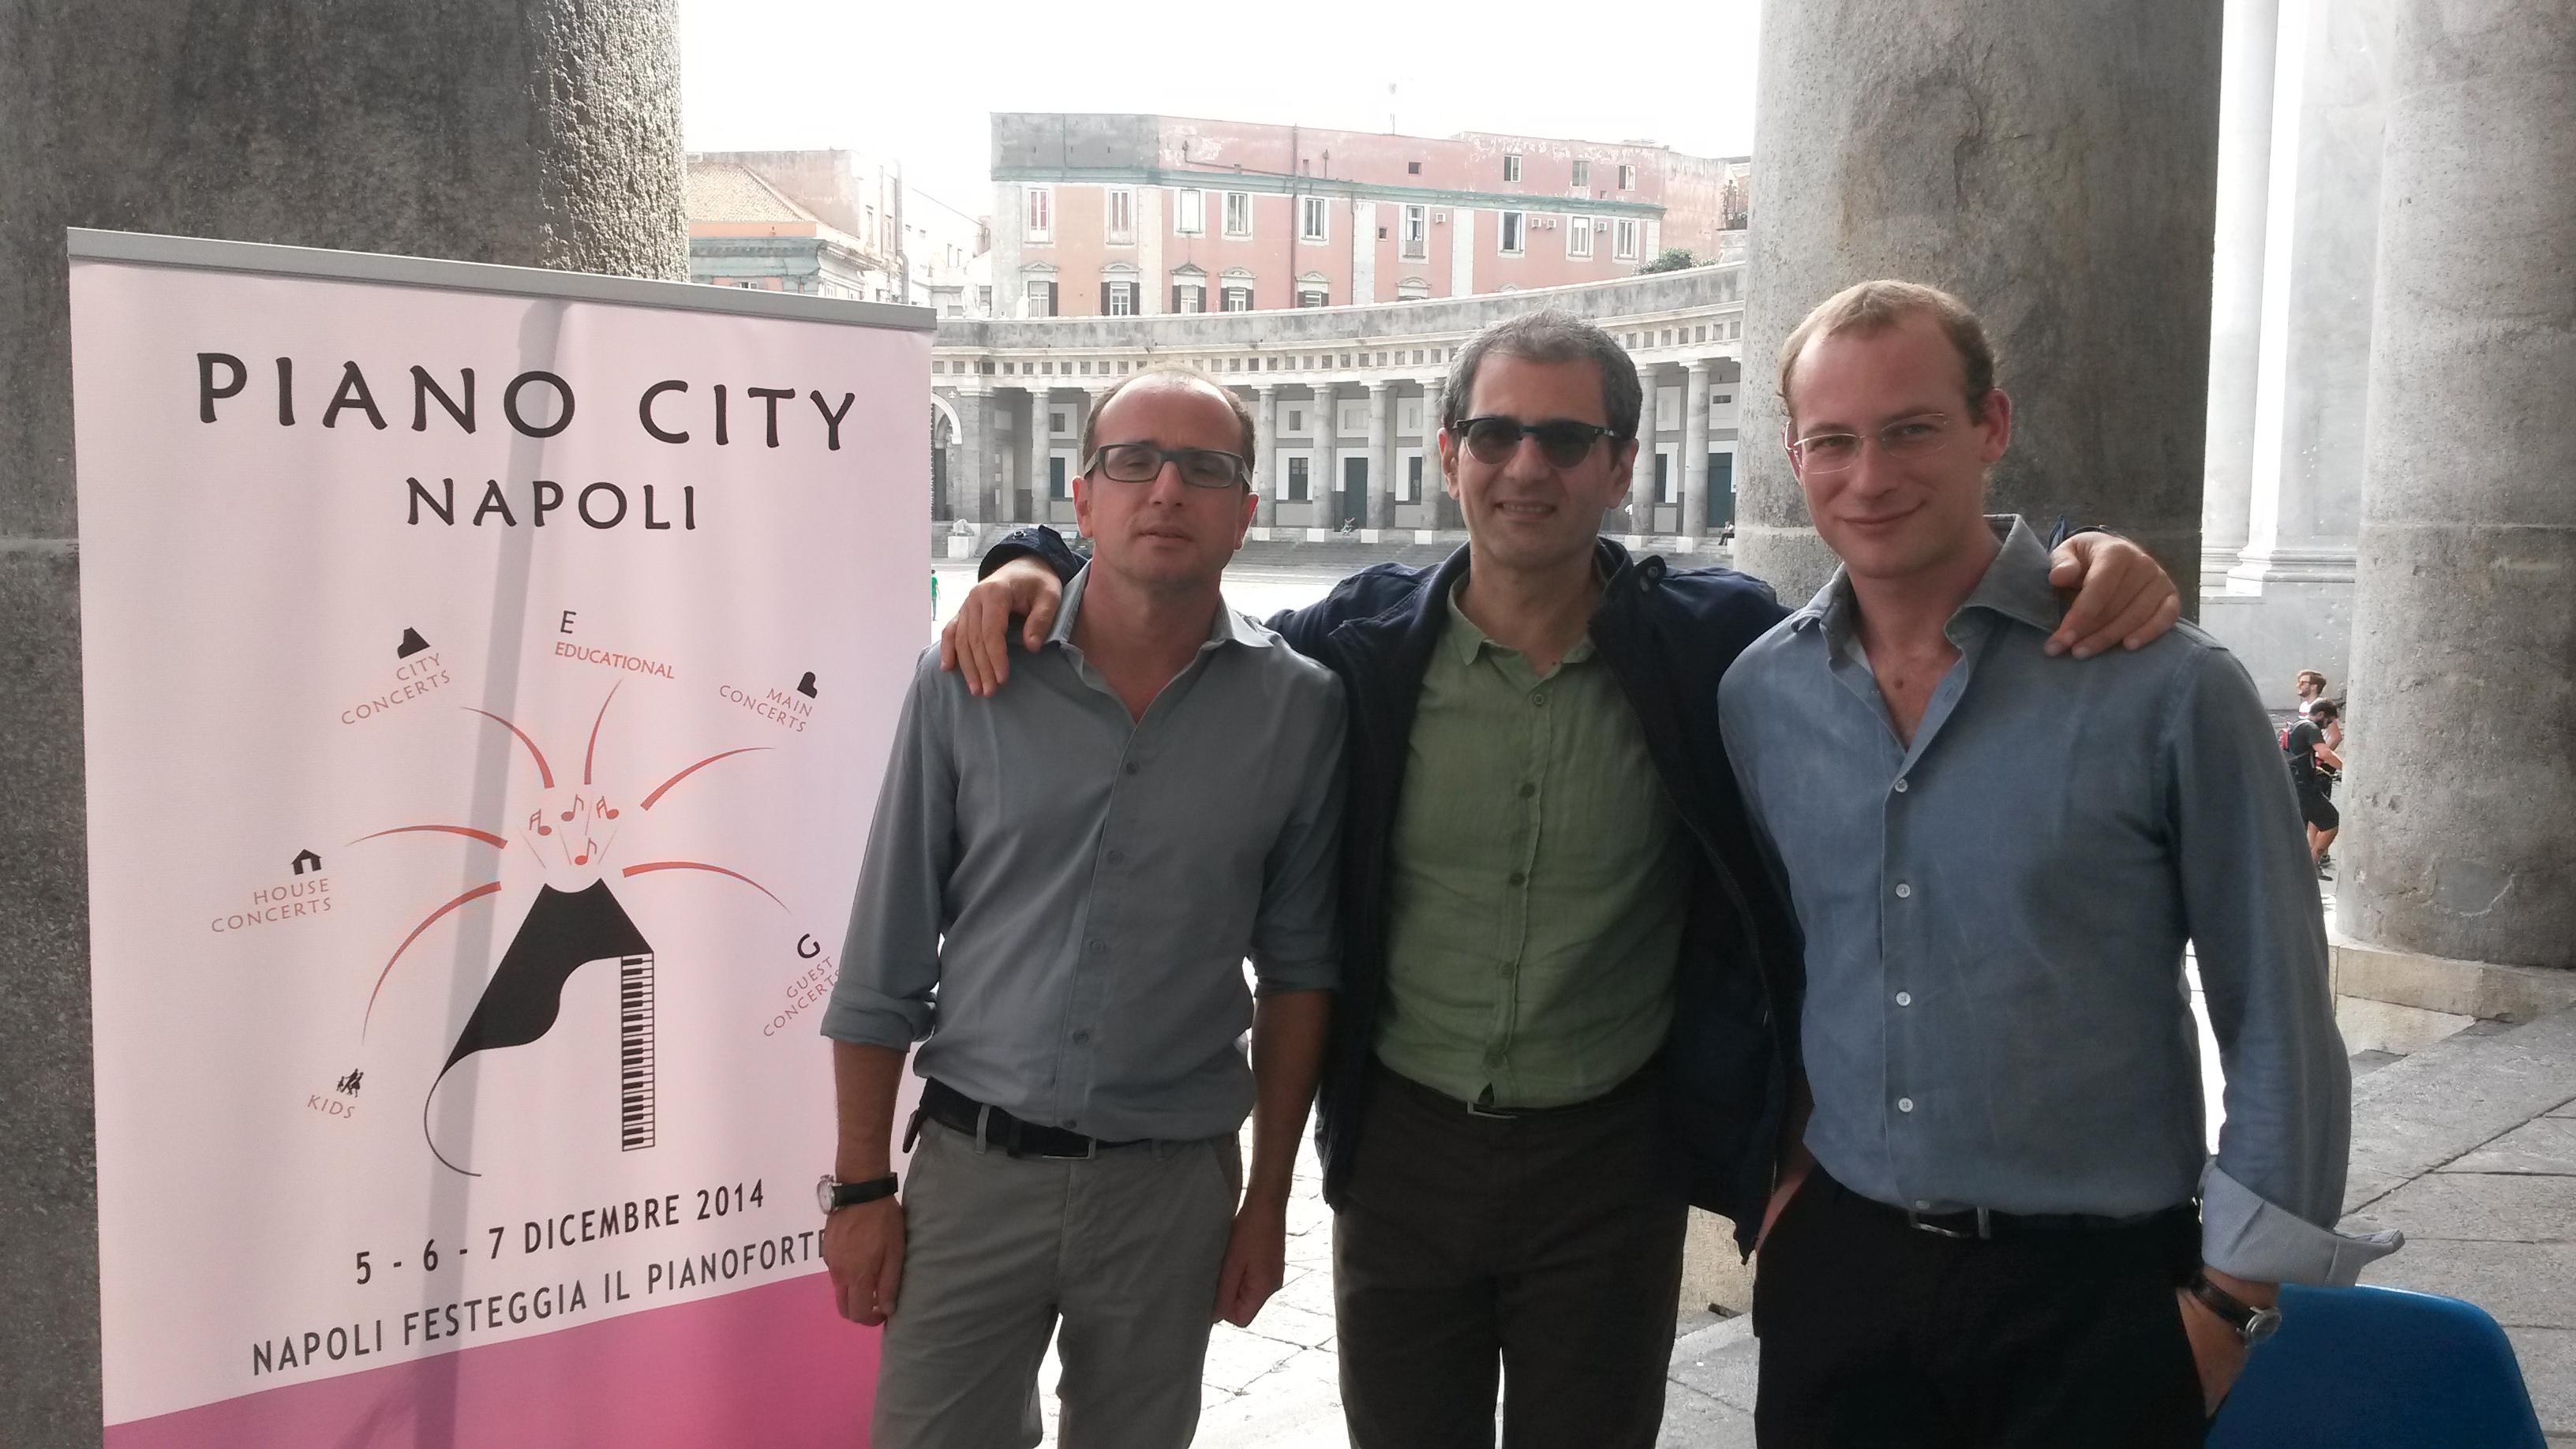 Piano City Napoli organizzatori